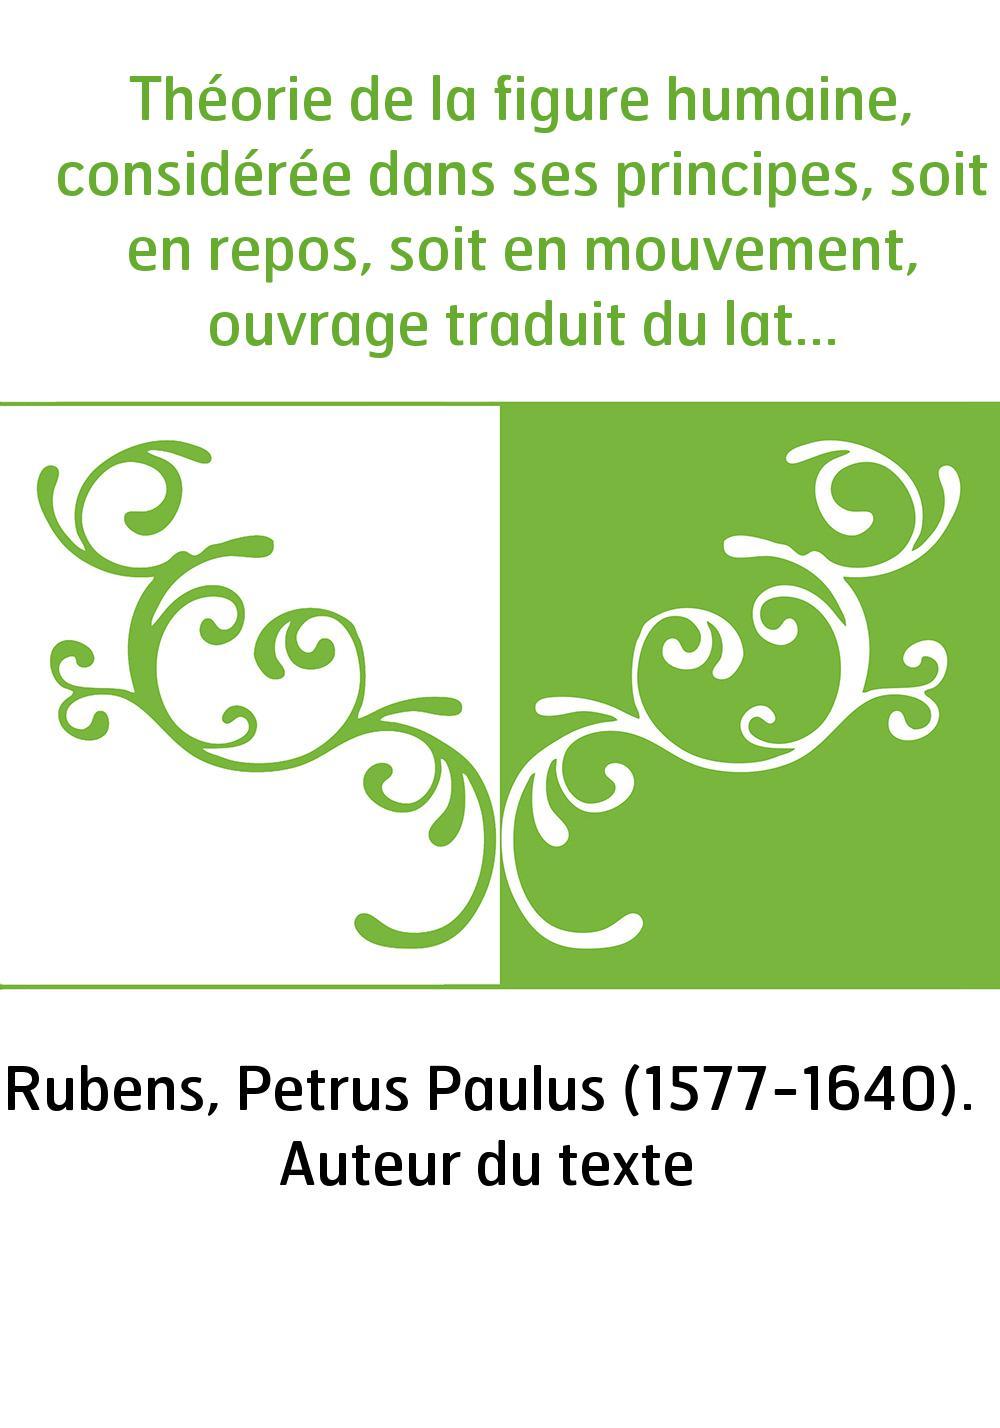 Théorie de la figure humaine, considérée dans ses principes, soit en repos, soit en mouvement, ouvrage traduit du latin de Pierr